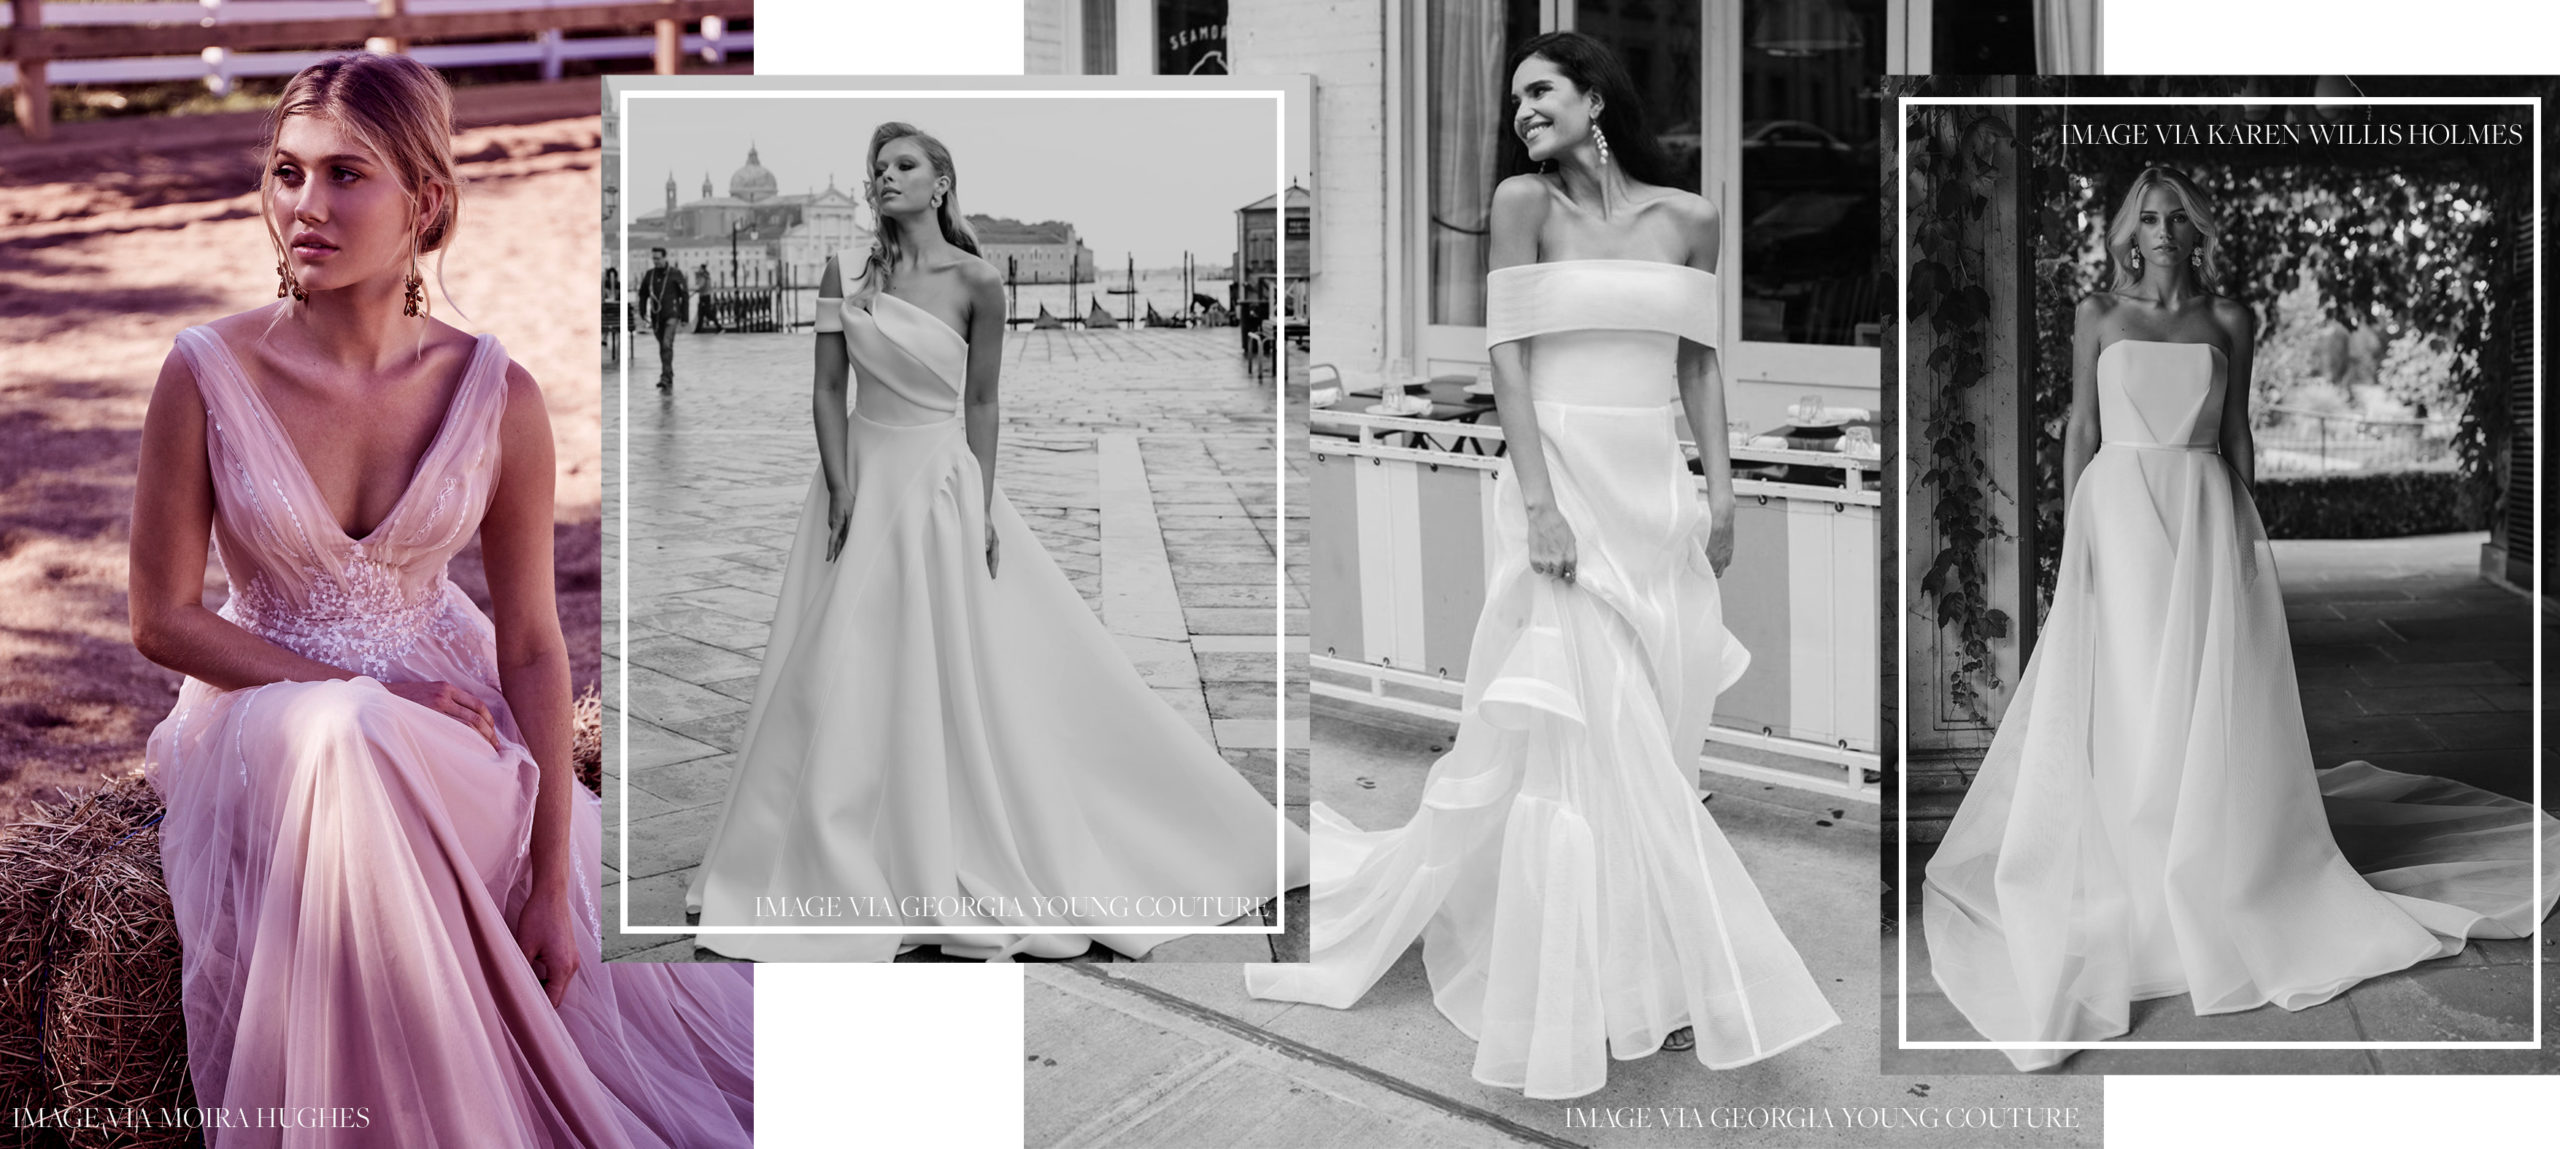 wedding-dress-big-boobs